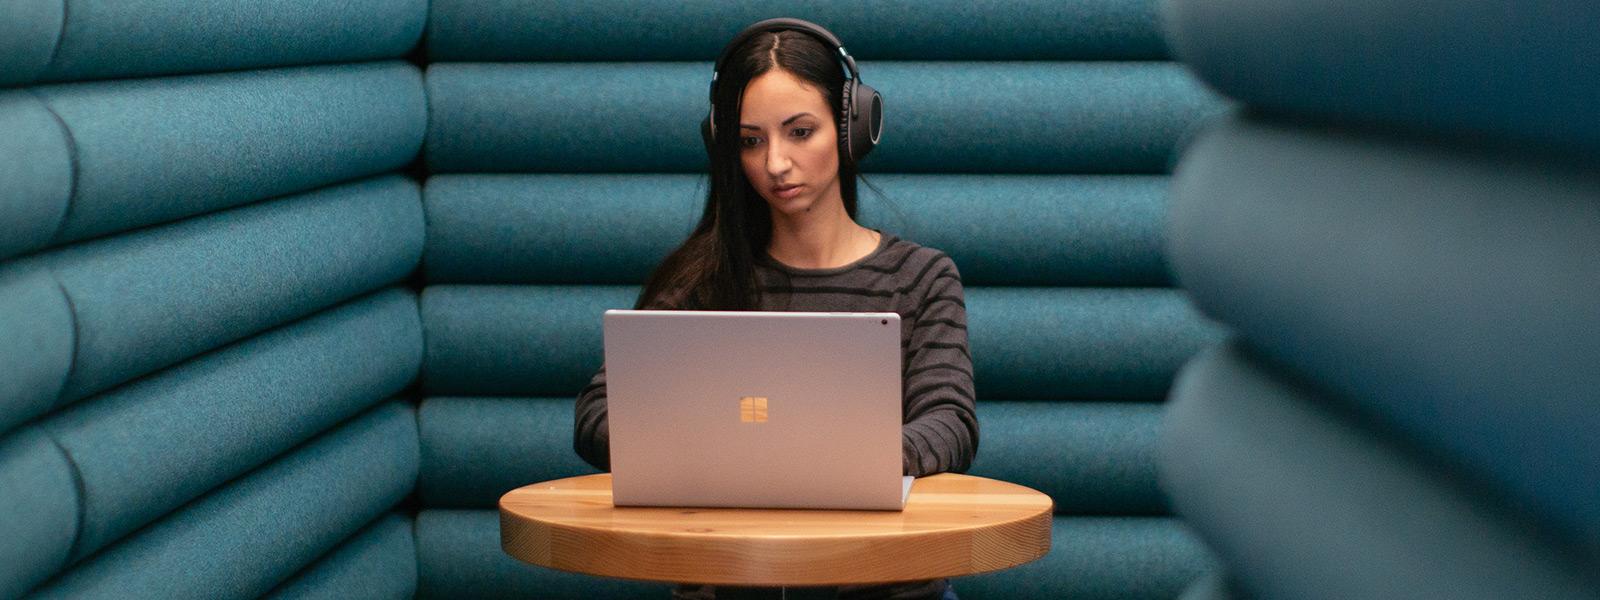 En kvinne sitter stille alene og har på hodetelefoner mens hun jobber på en Windows 10-datamaskin